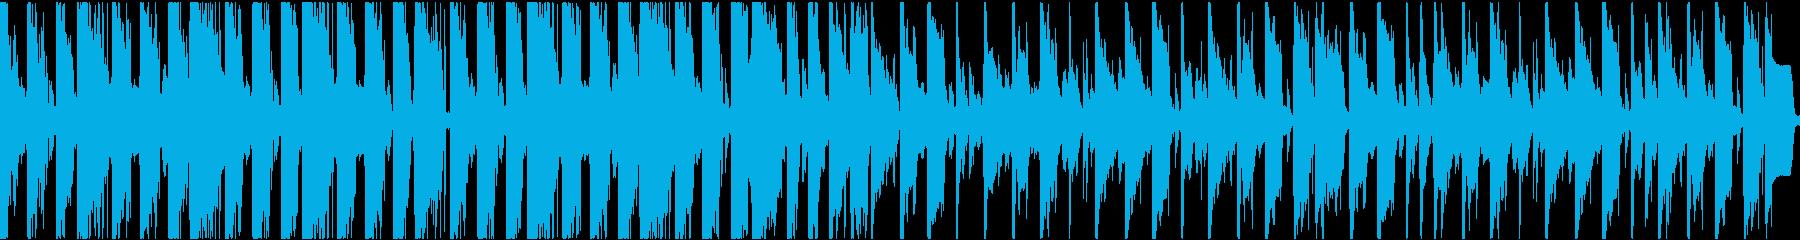 焦燥感のあるBGM ver.2(Loopの再生済みの波形